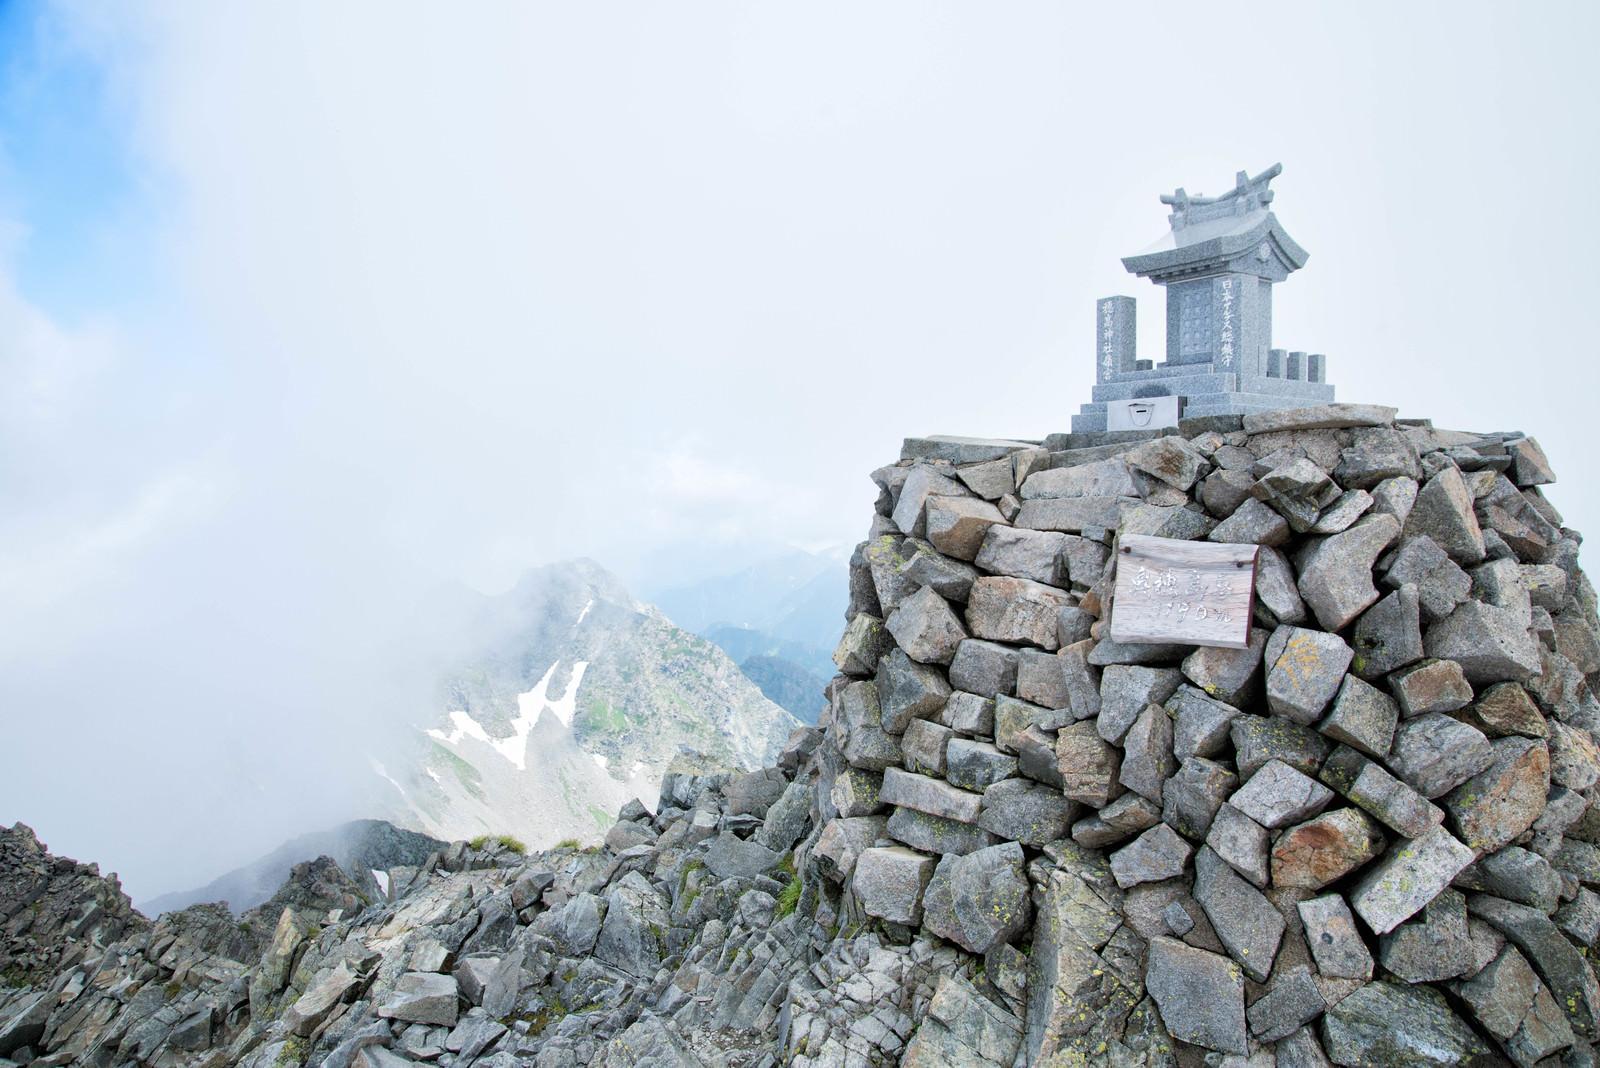 「奥穂高岳山頂に鎮座する穂高神社嶺宮」の写真